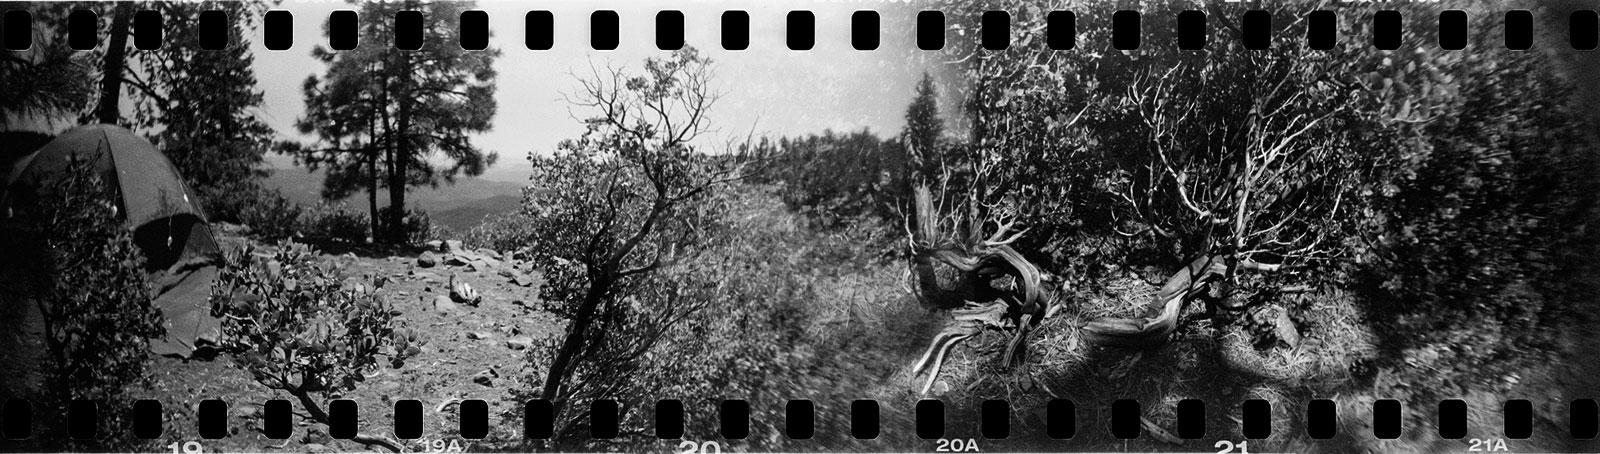 Kevin Dooley maakte deze lomography-foto met een analoge camera die ook de 'sprockets' van de film belichtte.